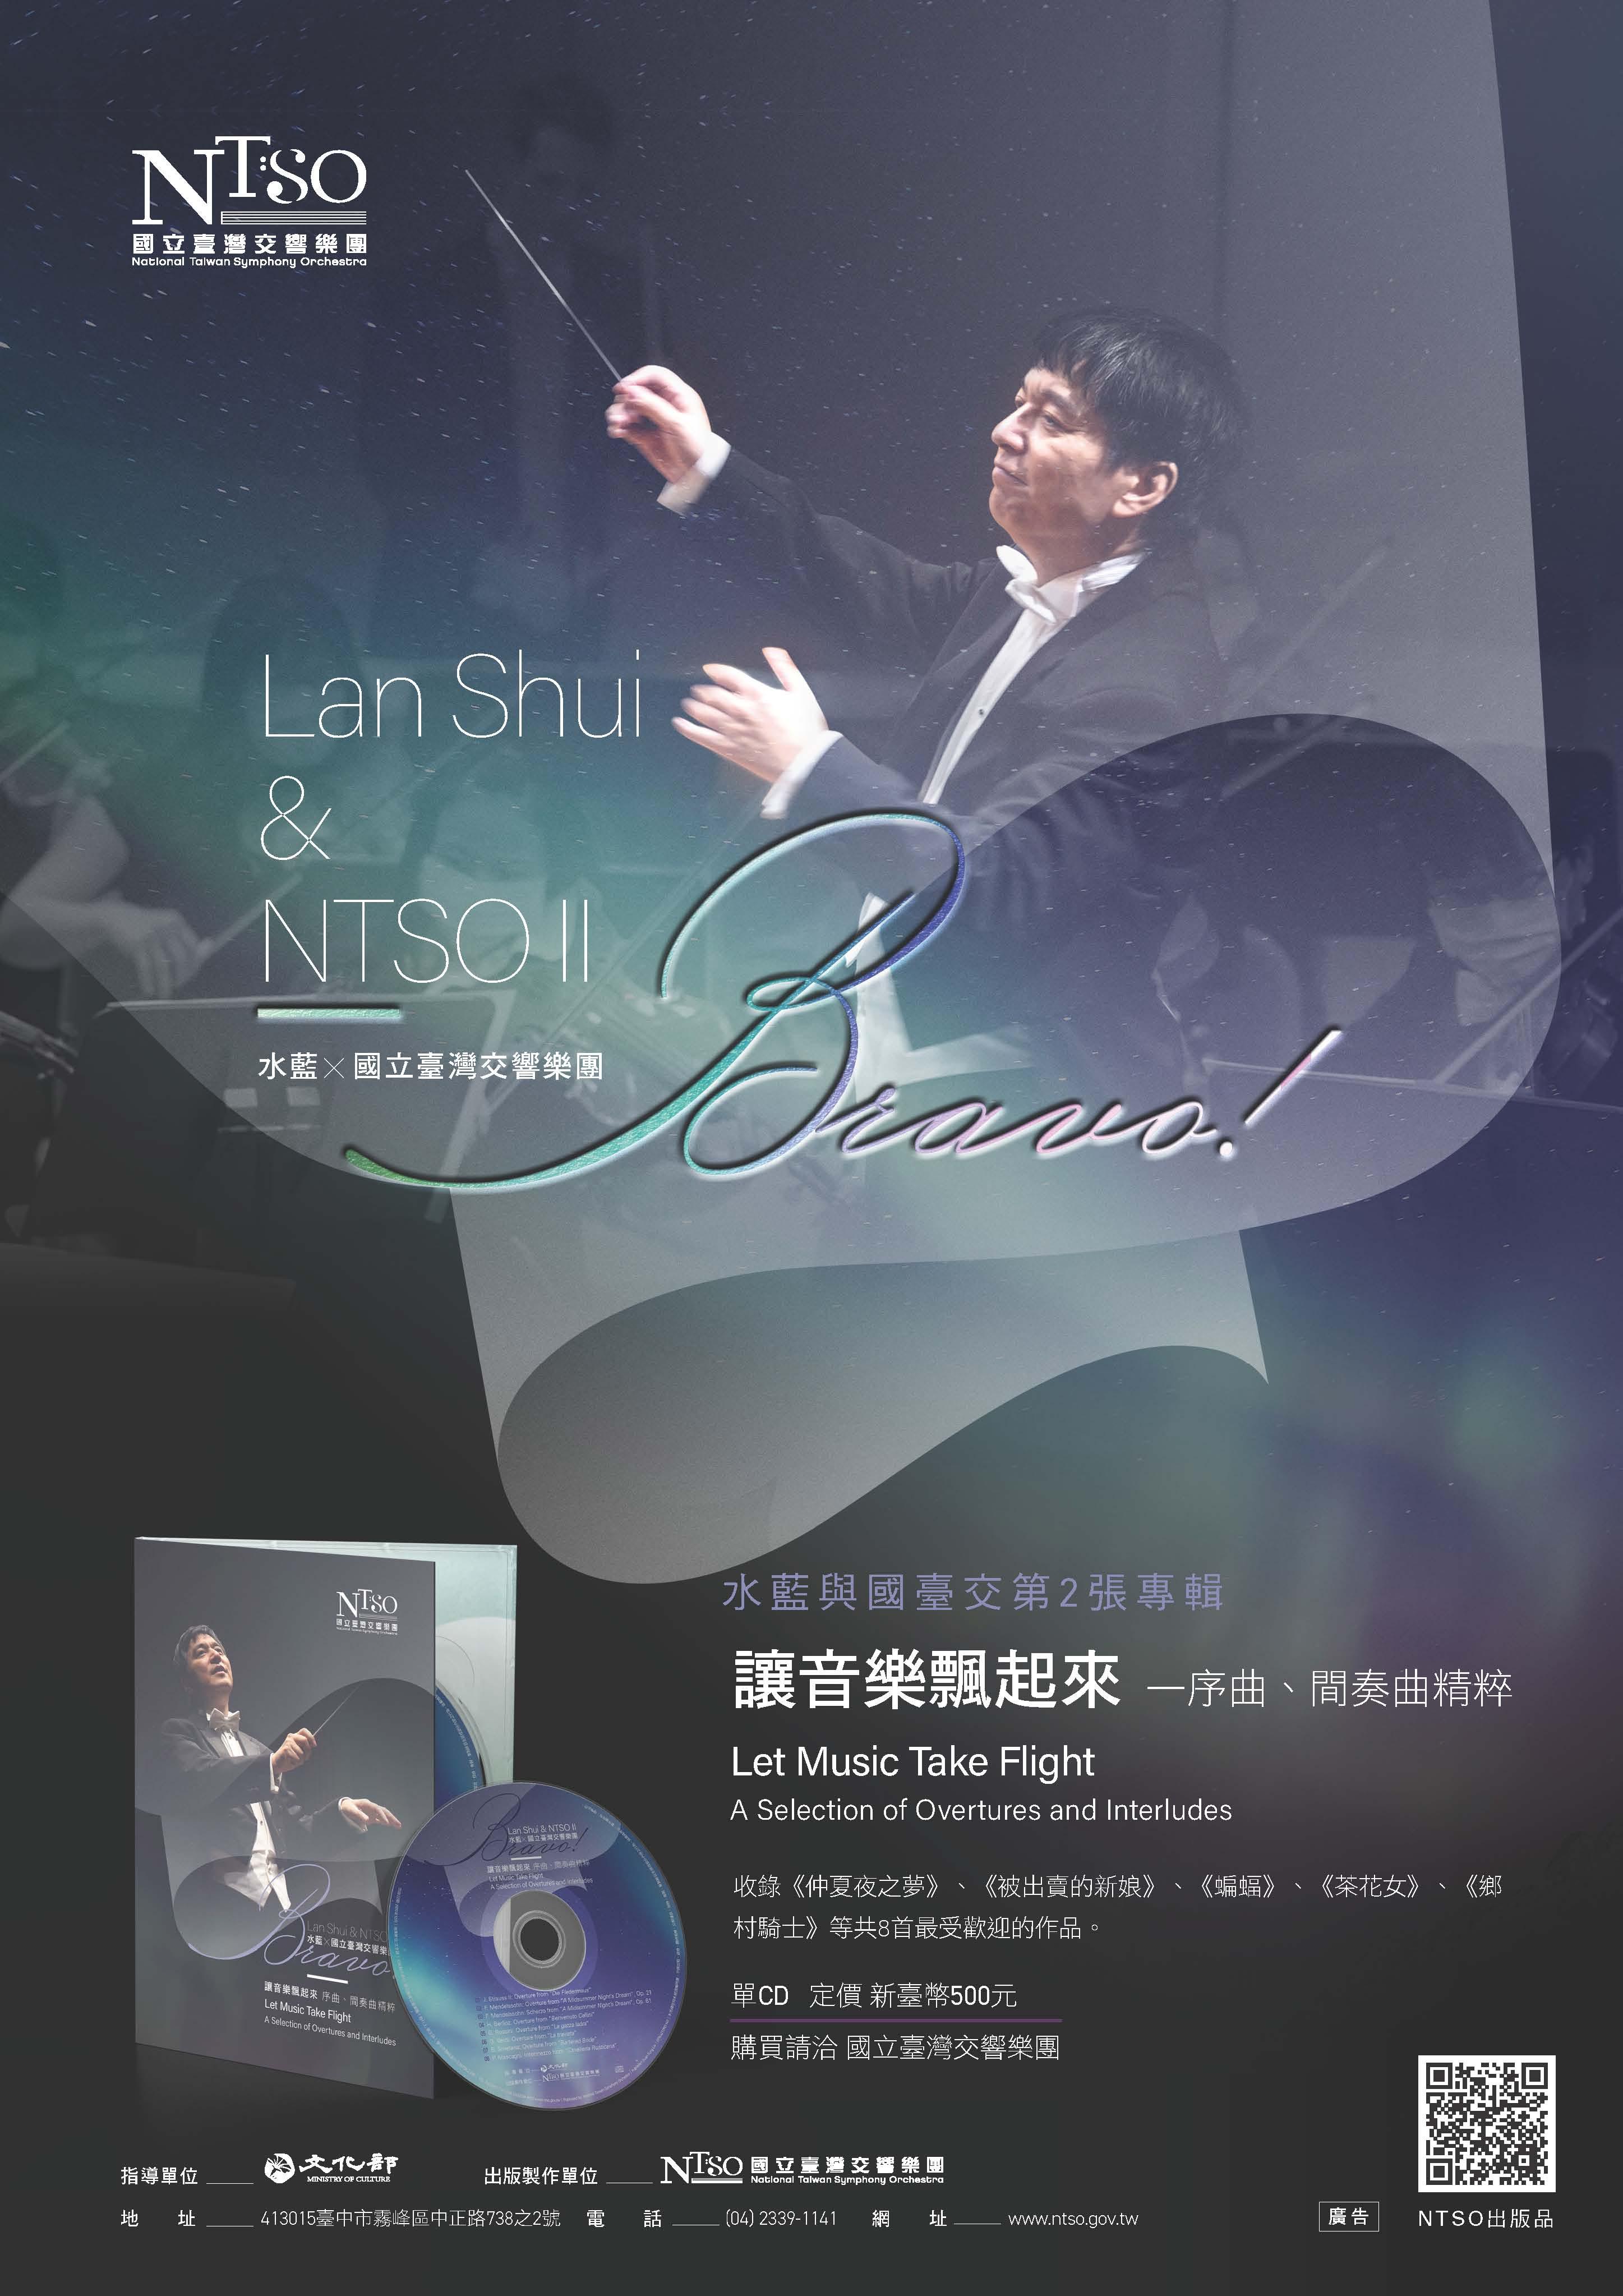 NTSO-音樂專輯_廣告_C2_頁面_1.jpg